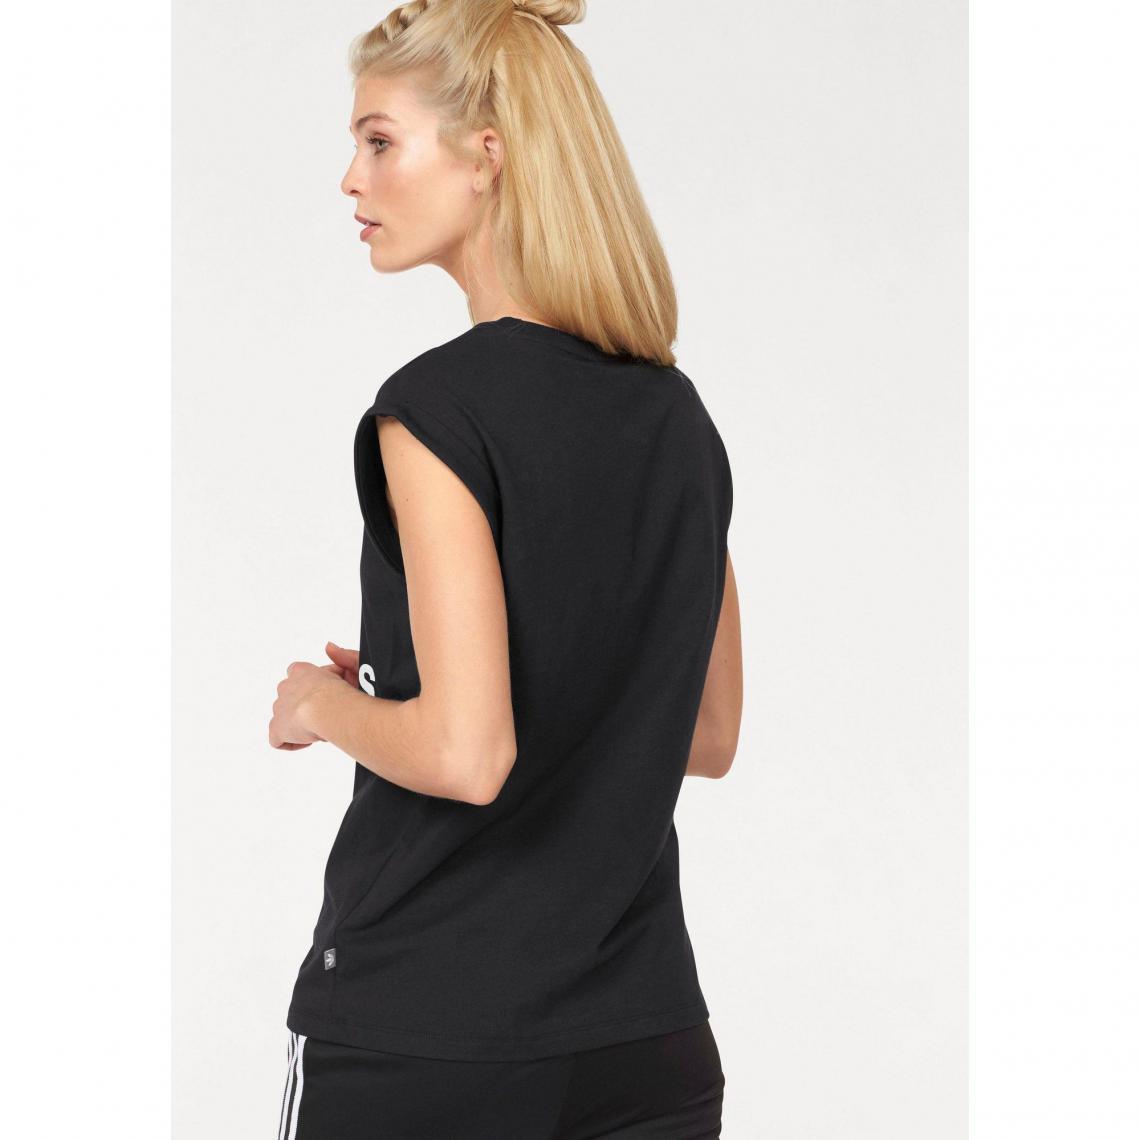 Tee-shirt femme Bf Trefoil Roll up Tee adidas Originals - Noir  b68c05c84f3